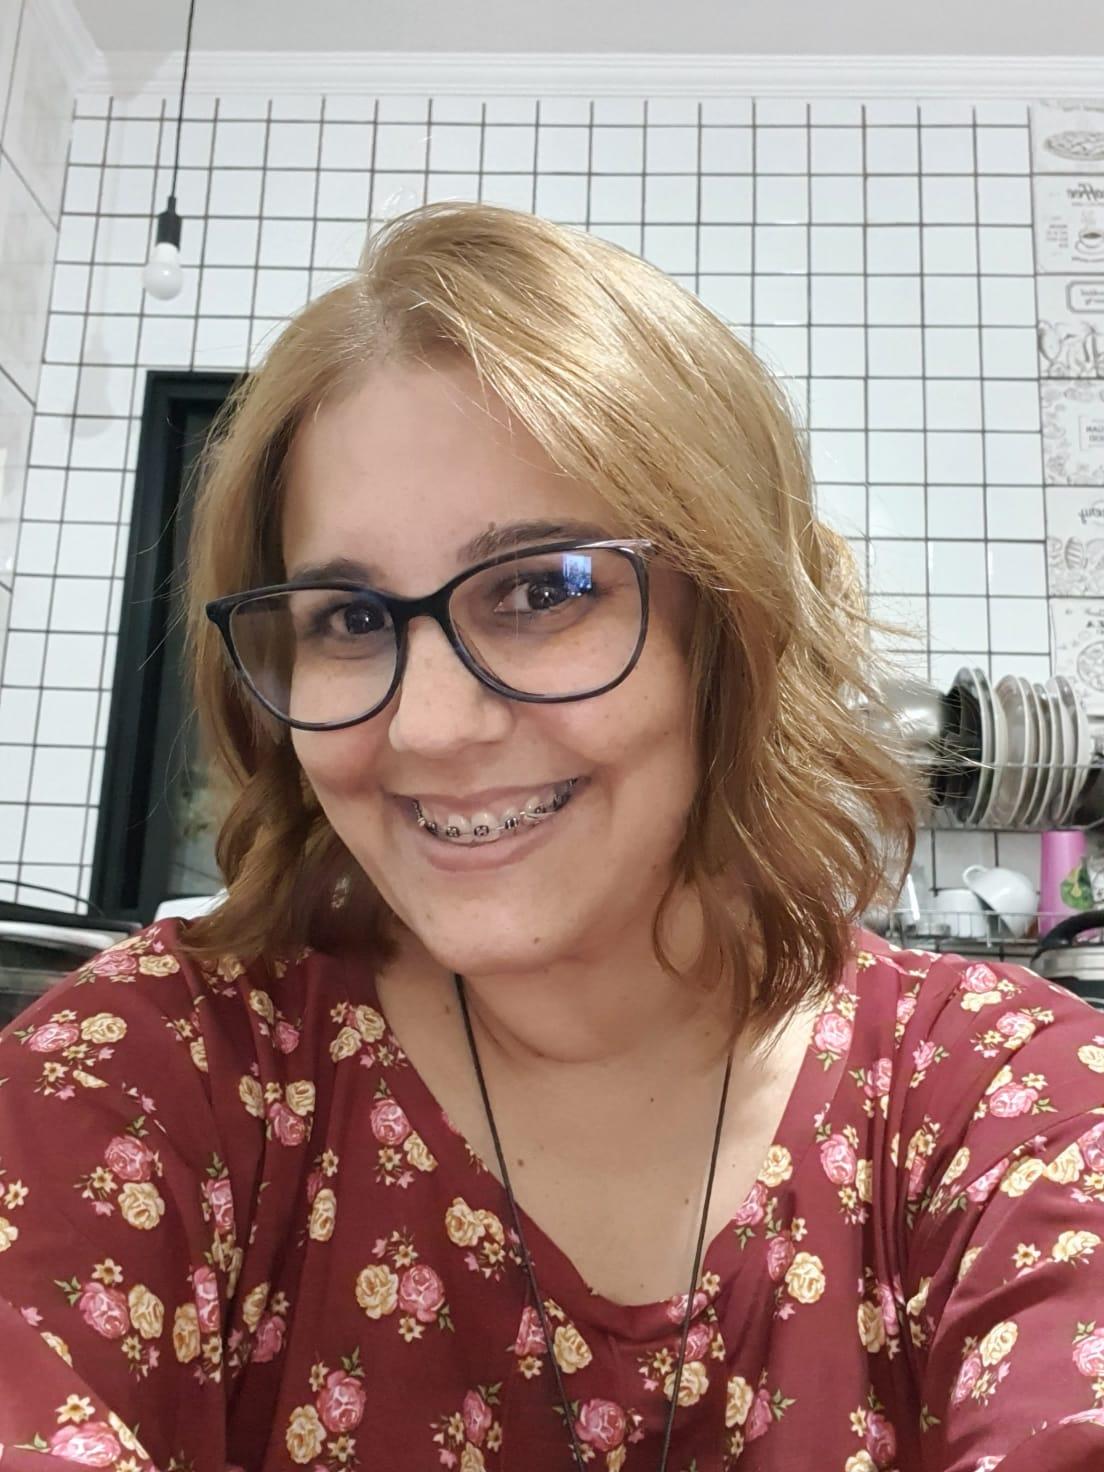 mulher branca, olhos castanhos, óculos, meia idade, cabelo liso louro médio